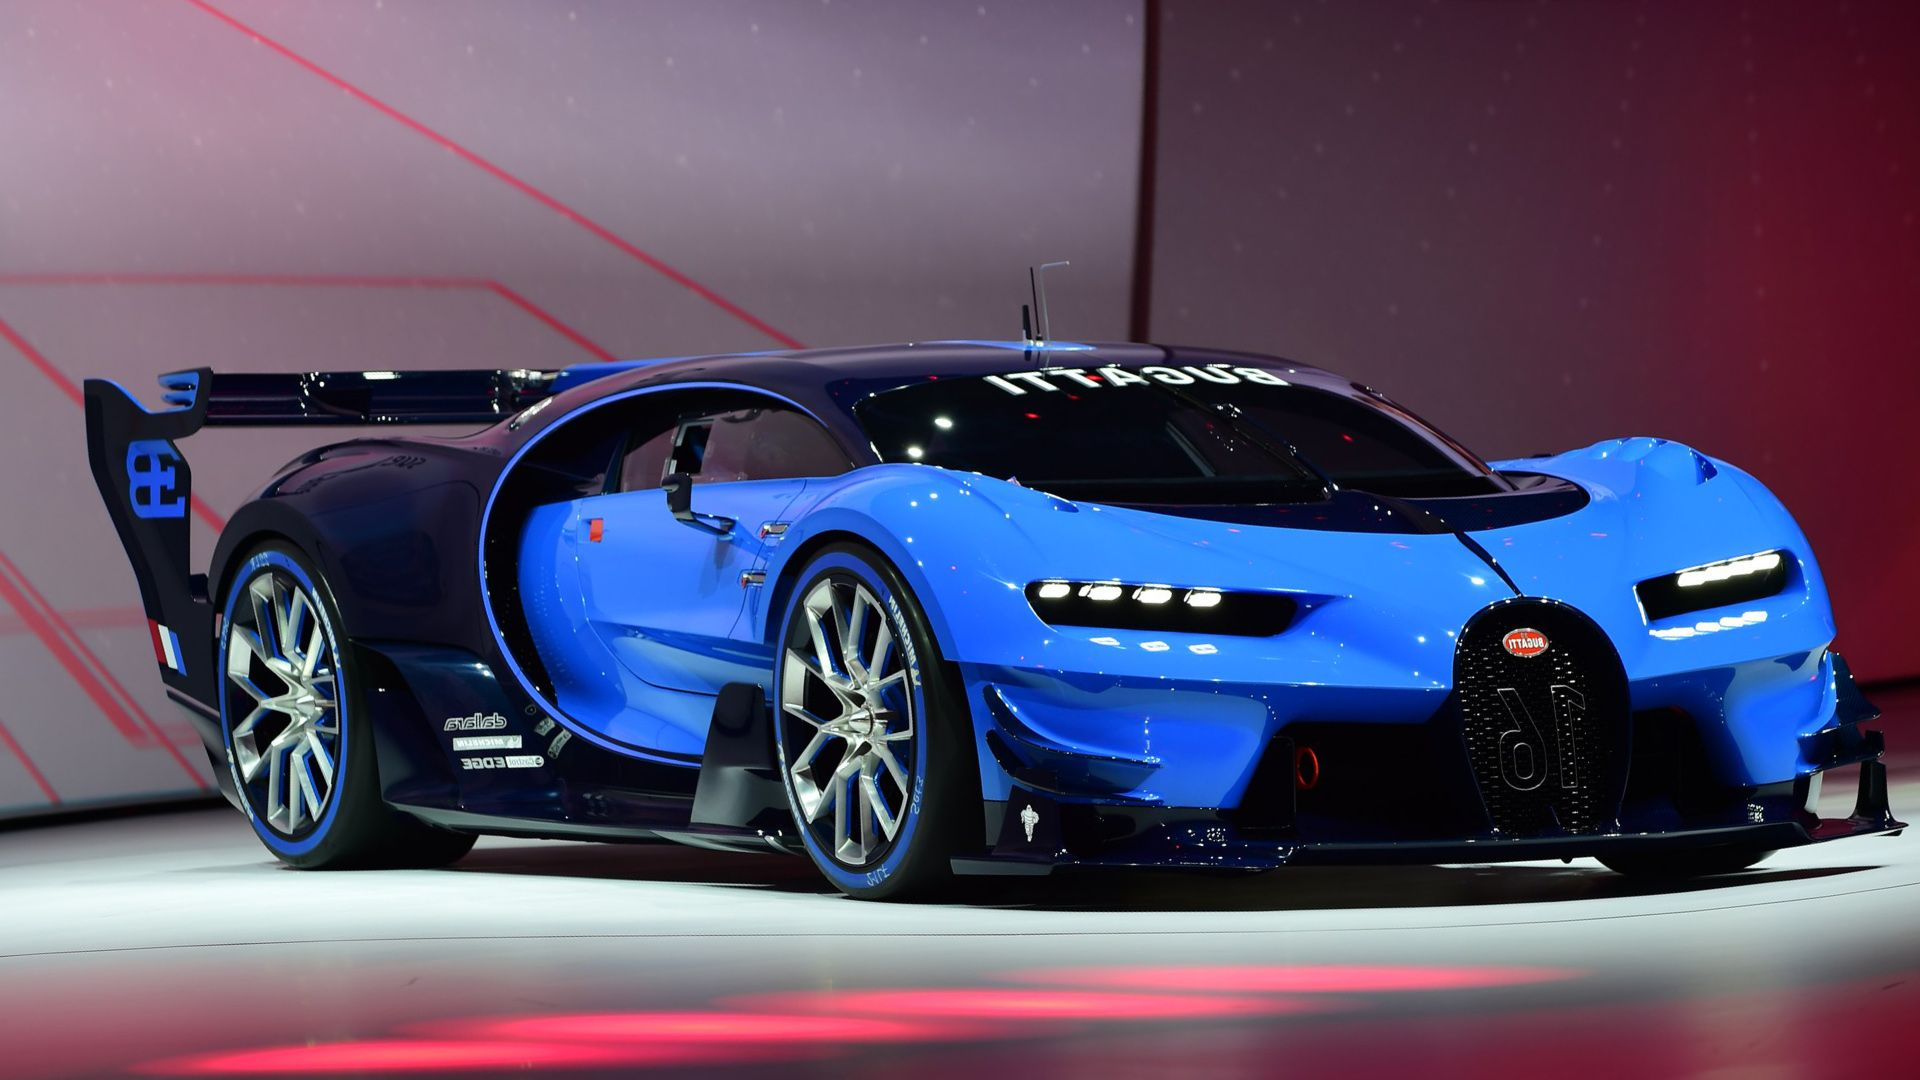 New Bugatti Chiron Exterior 2017 Bugatti Chiron Exterior